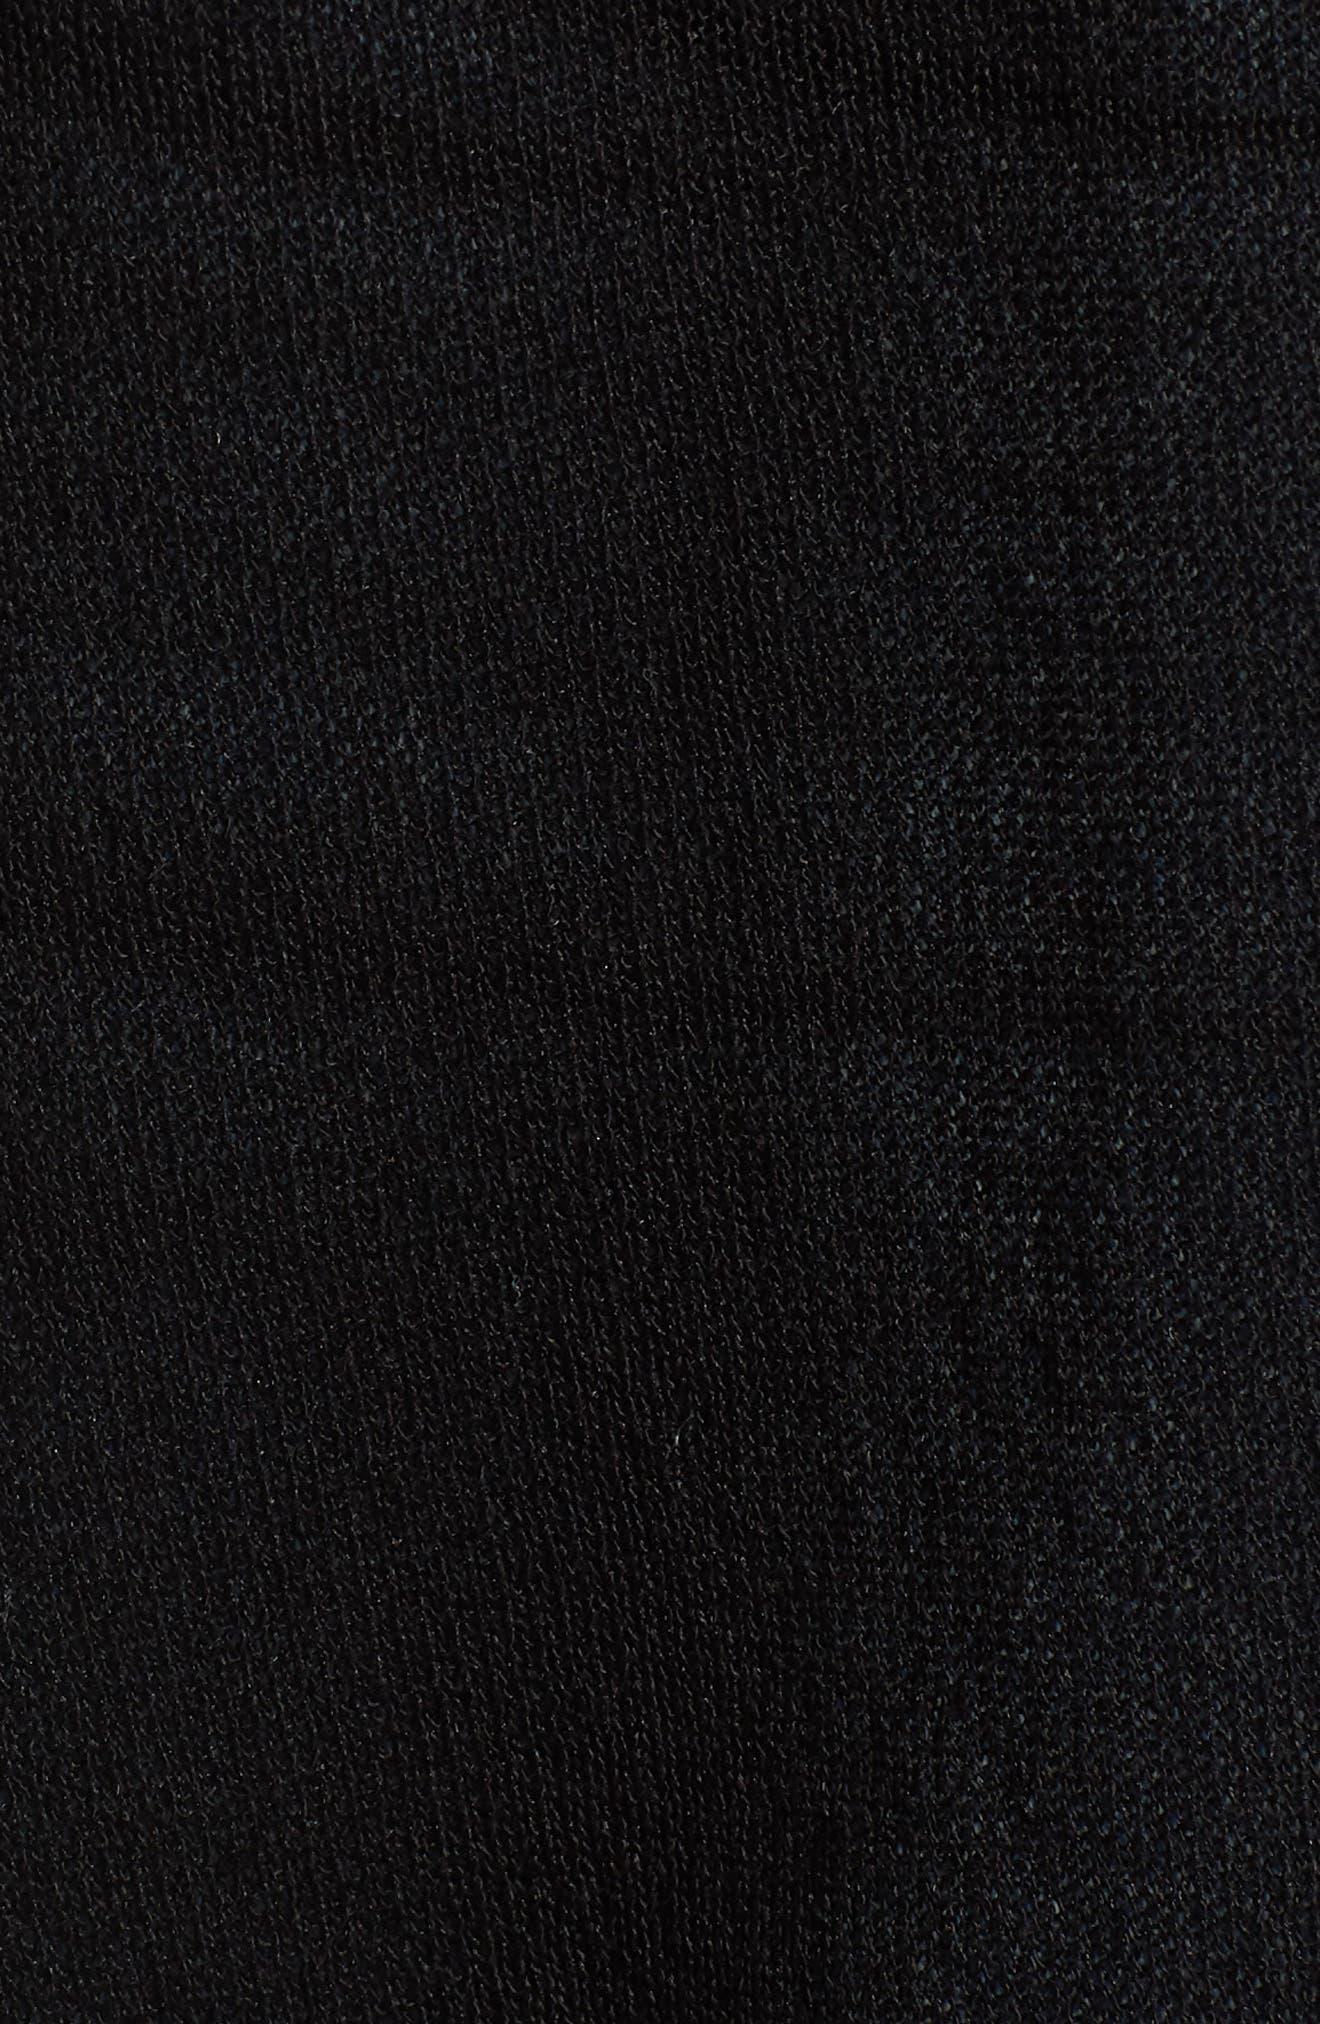 Sheer Longline Cardigan,                             Alternate thumbnail 6, color,                             001